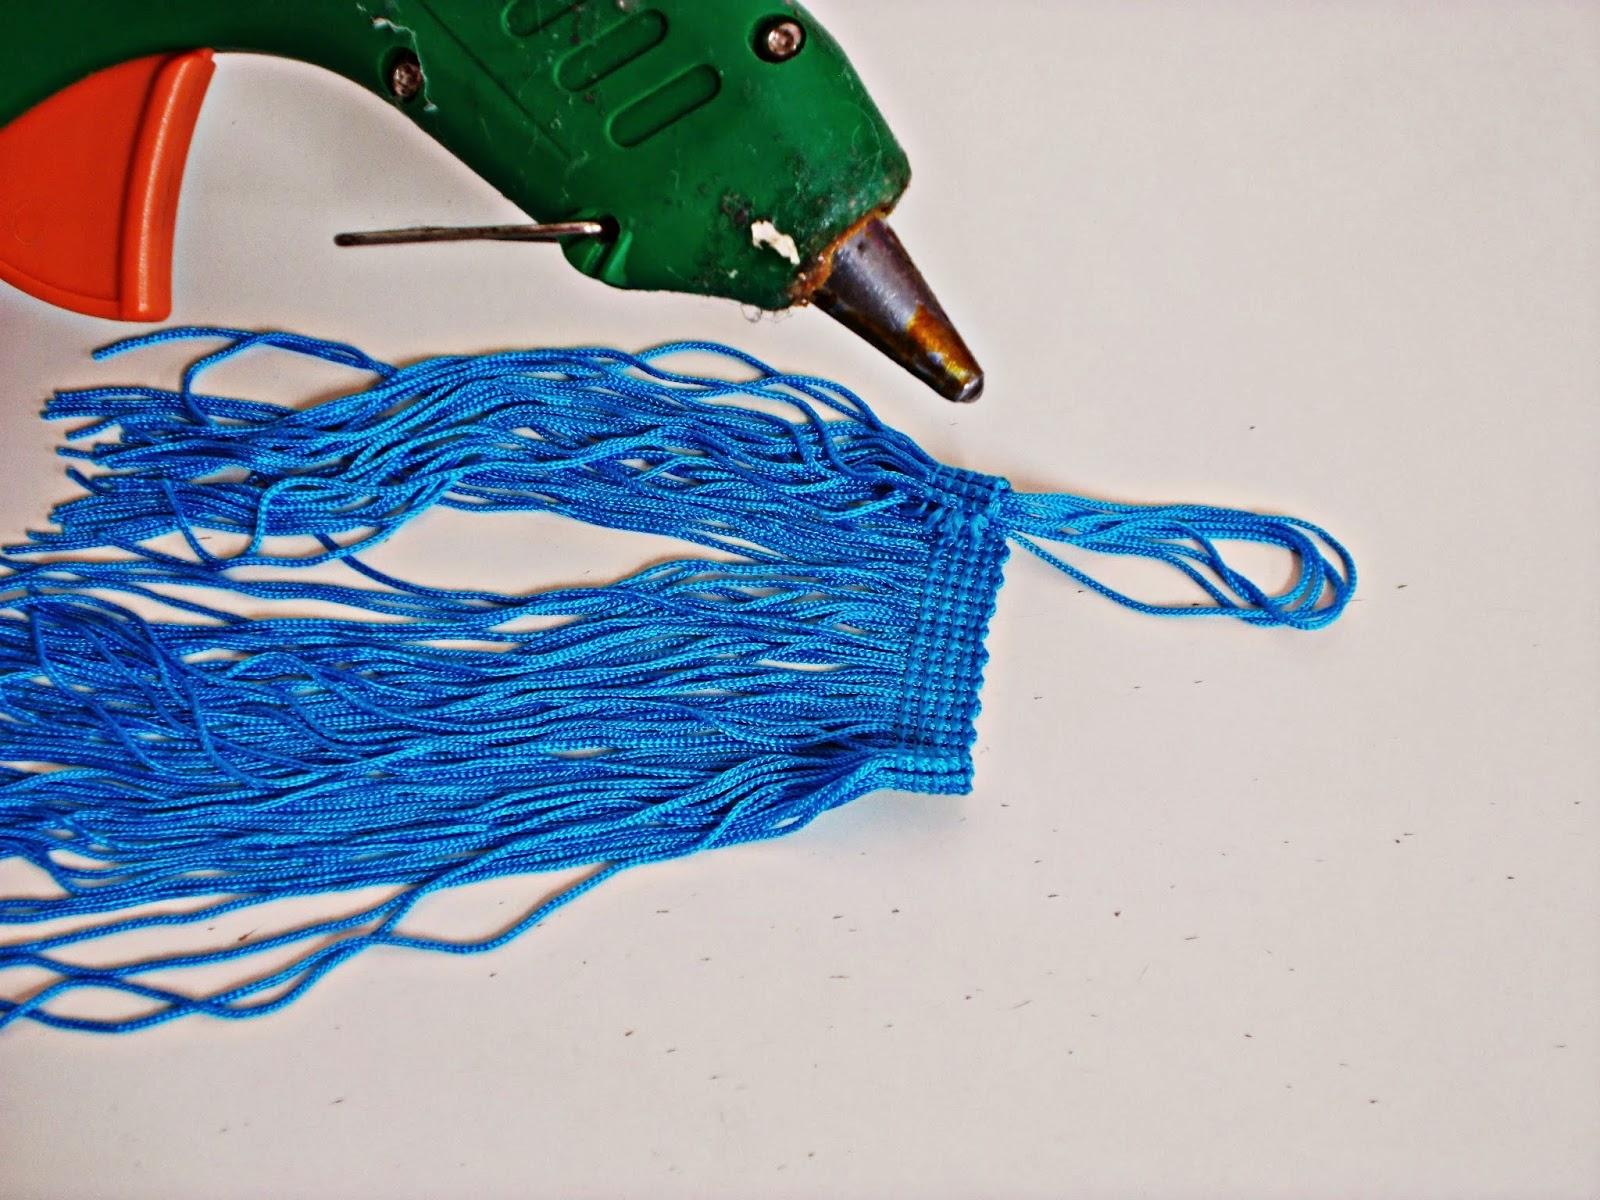 DIY-costura-reciclar-costumizar-vaquero-cargador-móvil-5